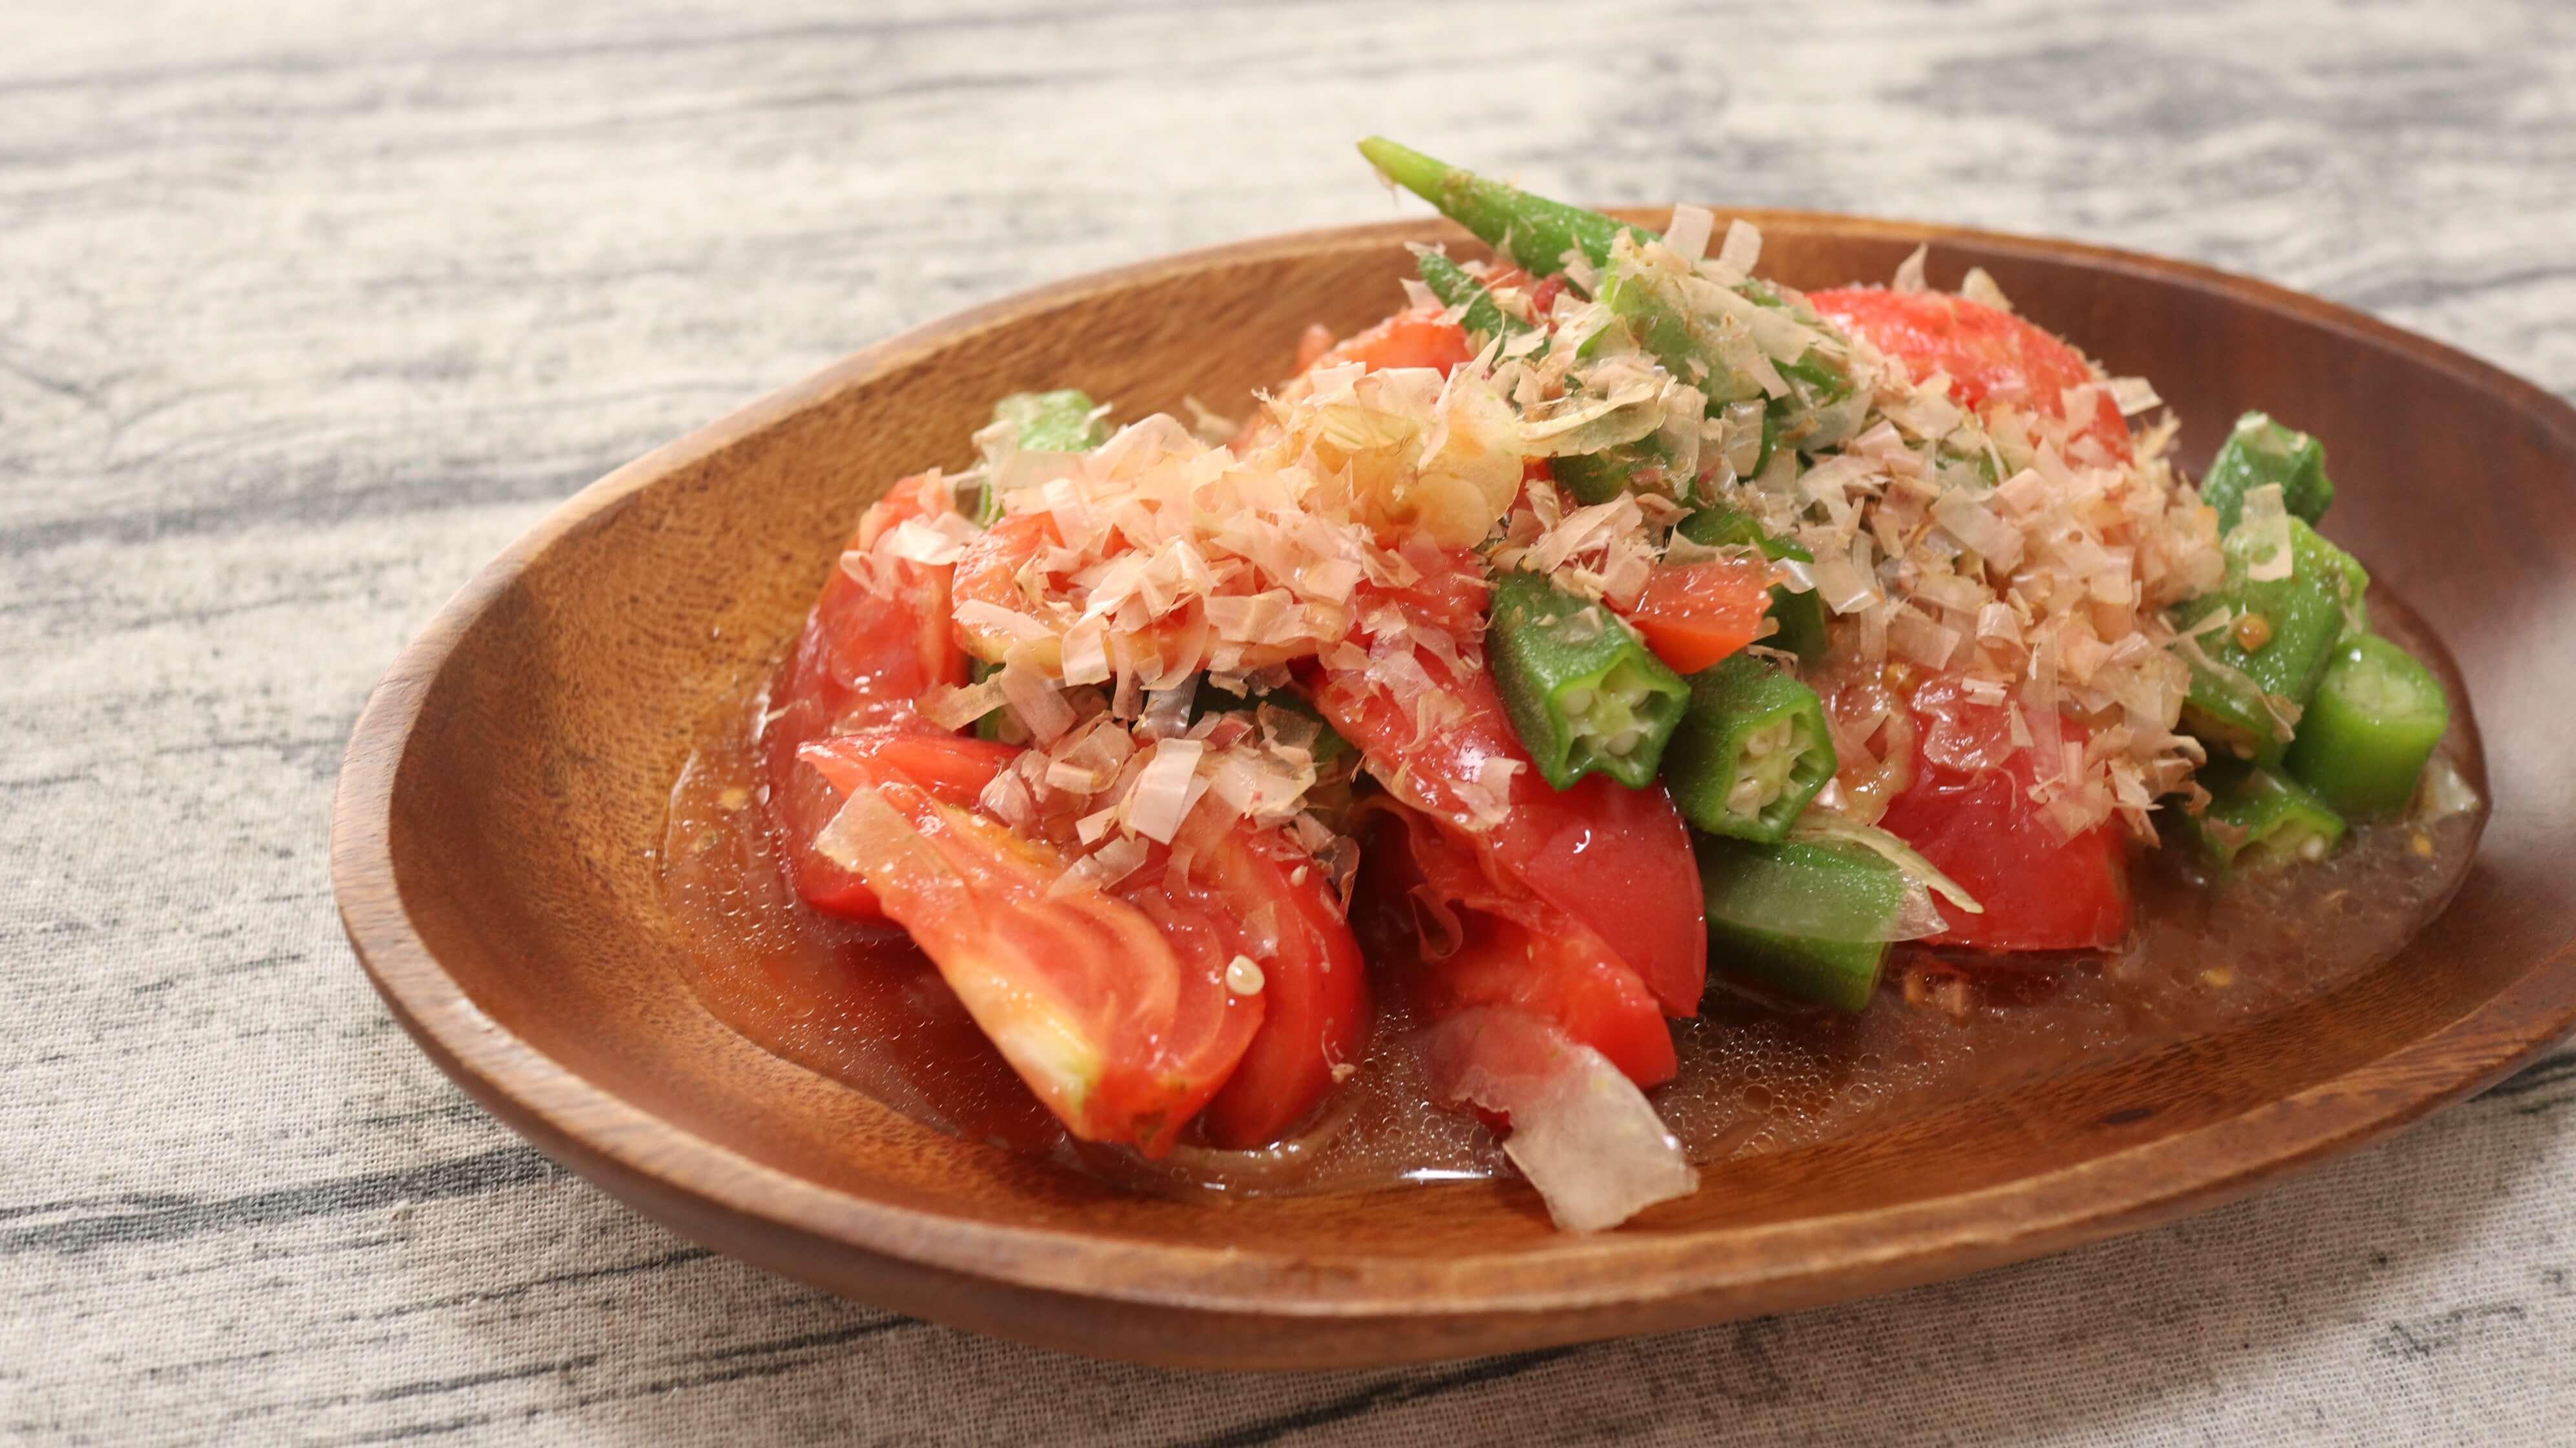 【鰹節乗せ】トマトとオクラと玉ねぎの和風ドレッシングサラダの完成